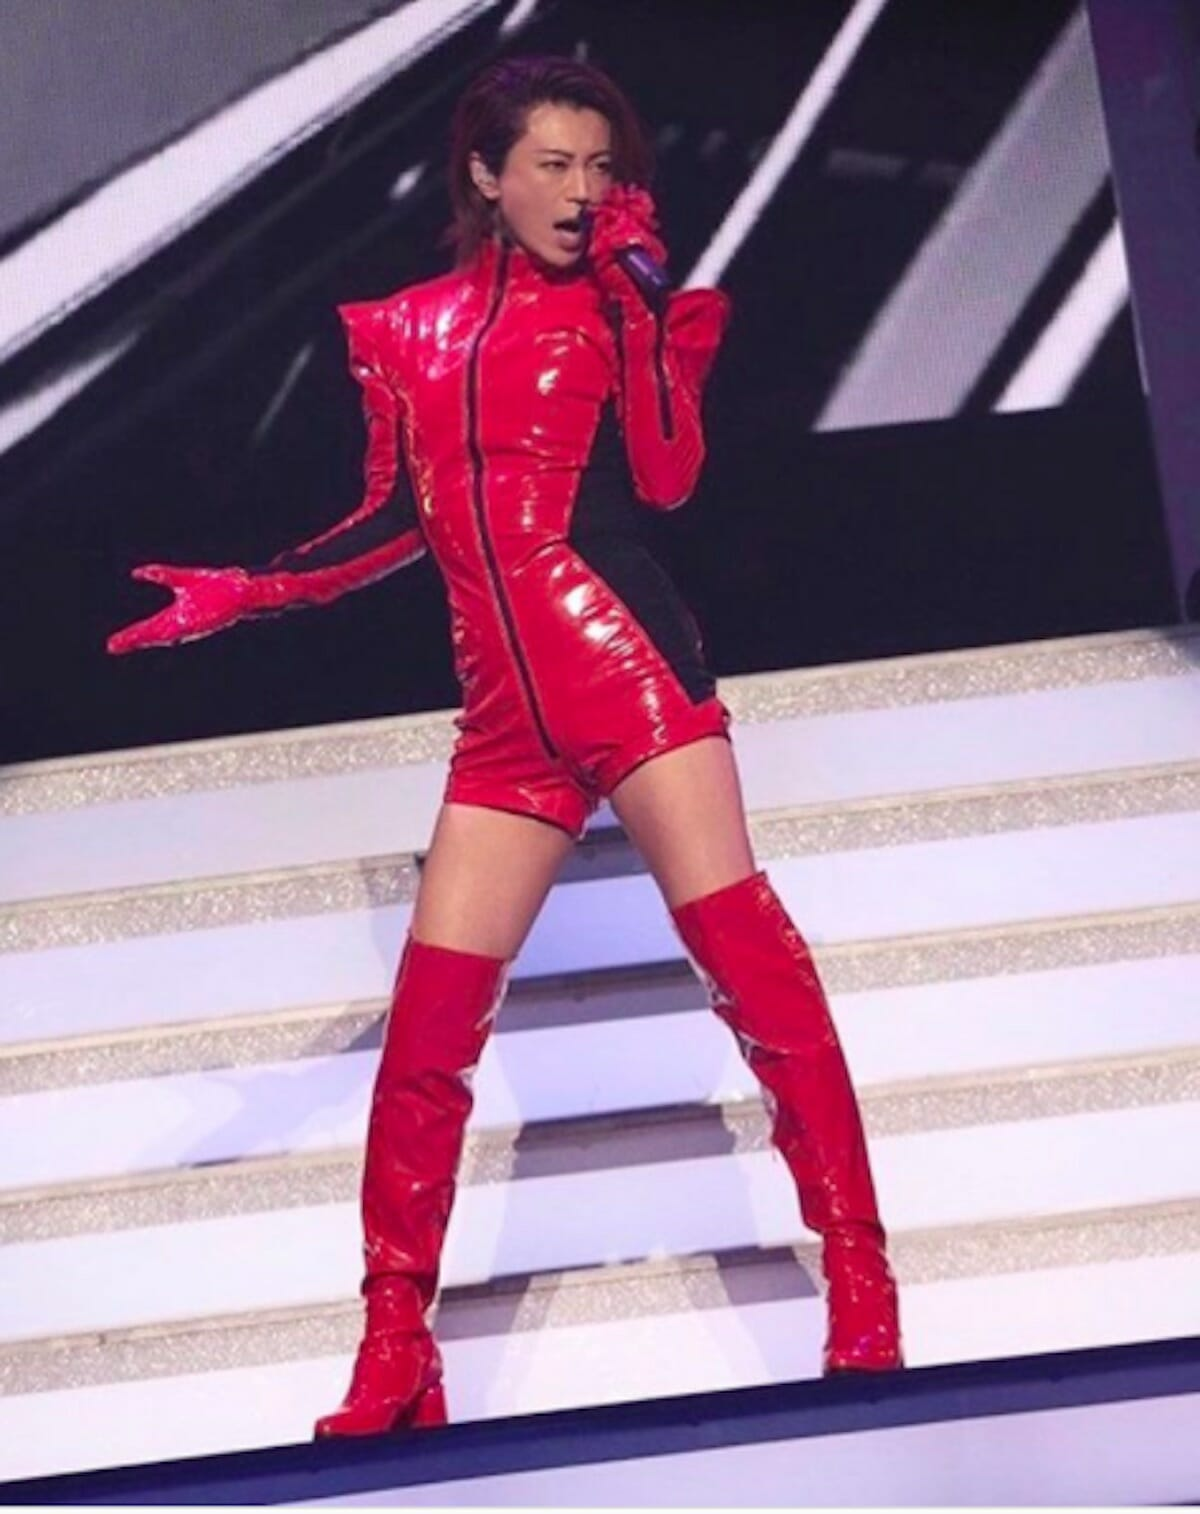 氷川きよし「自分らしくいれる衣装です」真っ赤なエナメルで、セクシー…!ファンも『最高』と歓喜